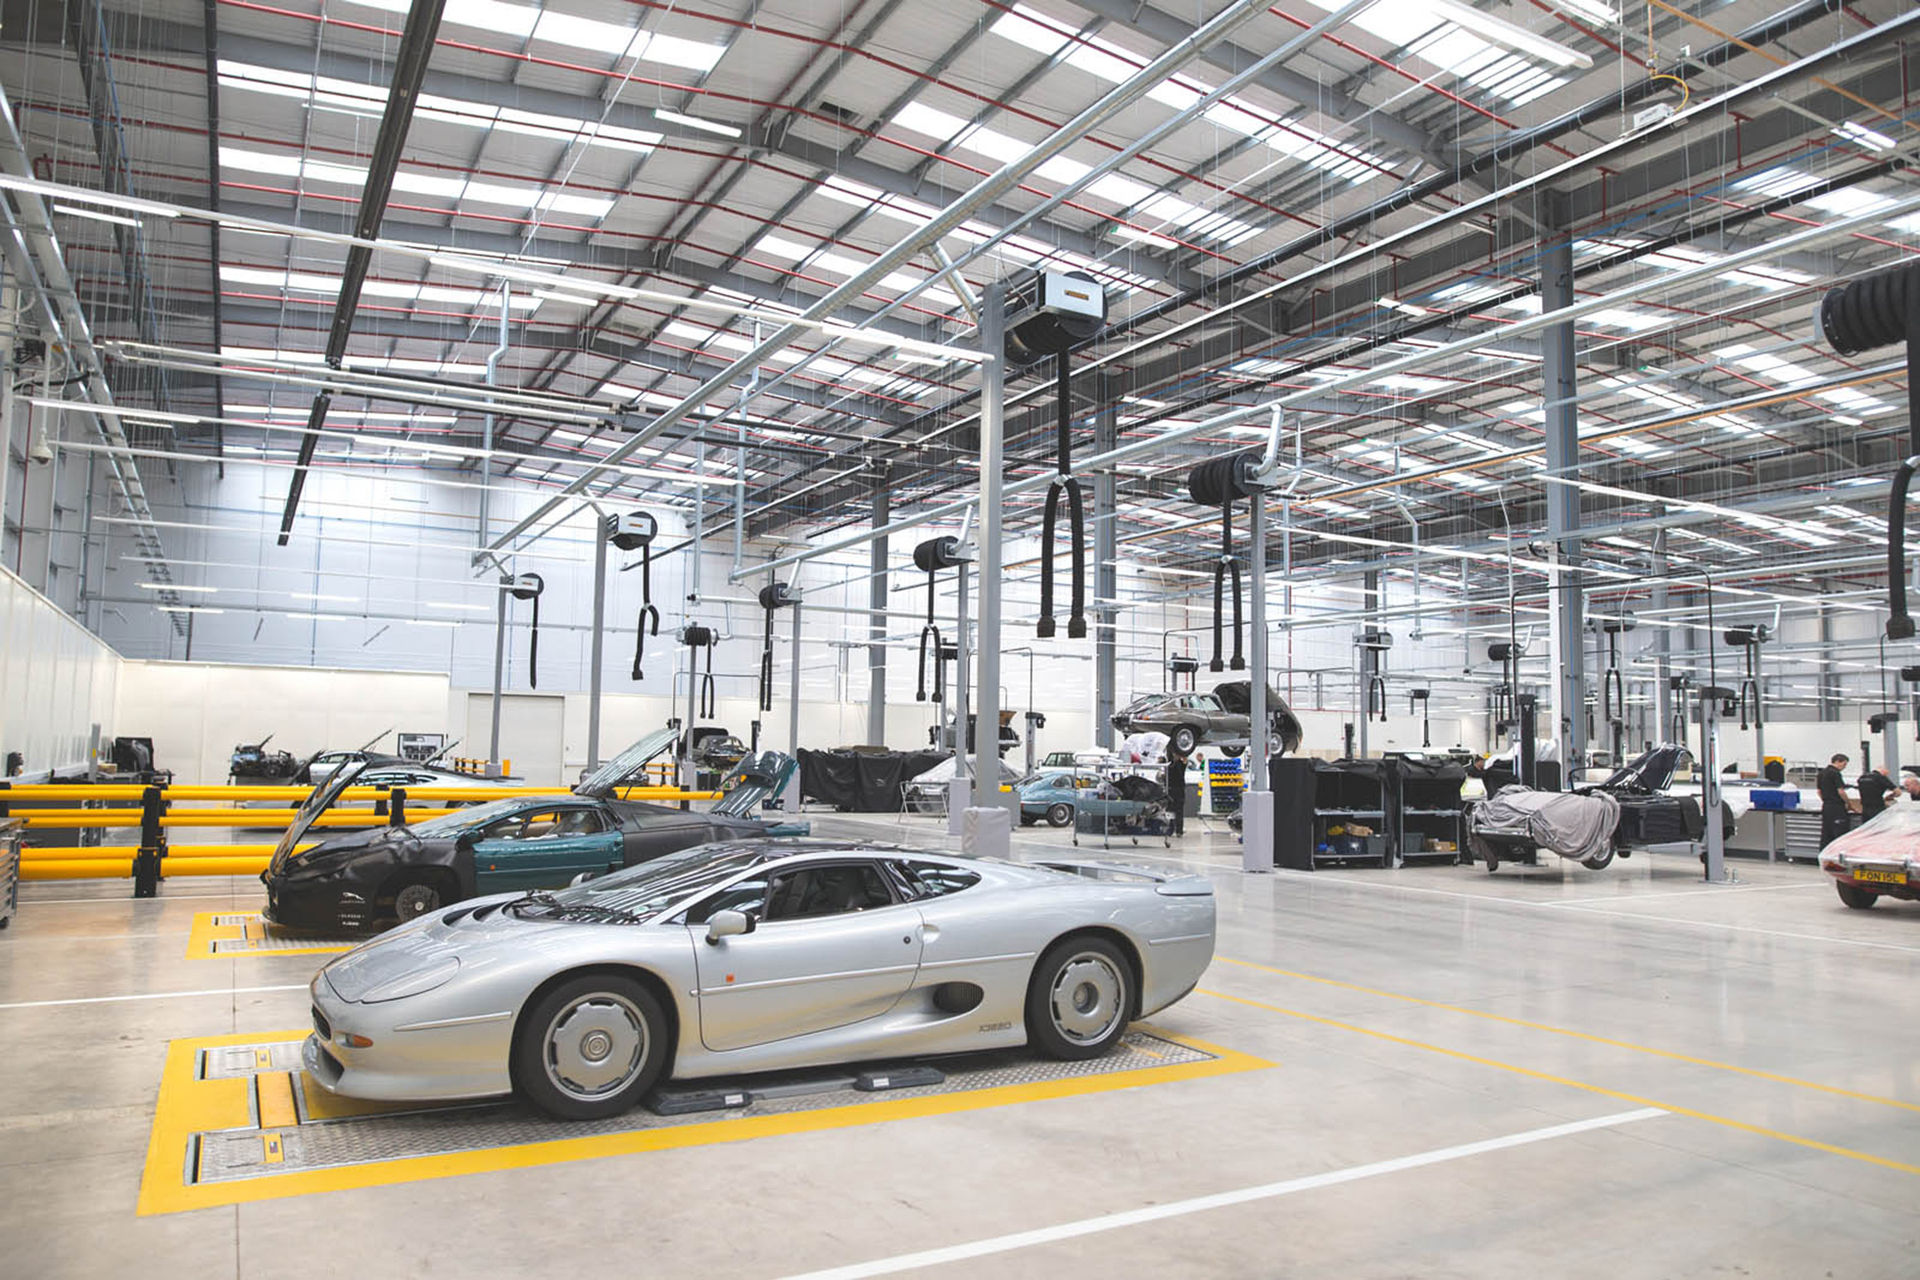 Världens största center för klassiska bilar